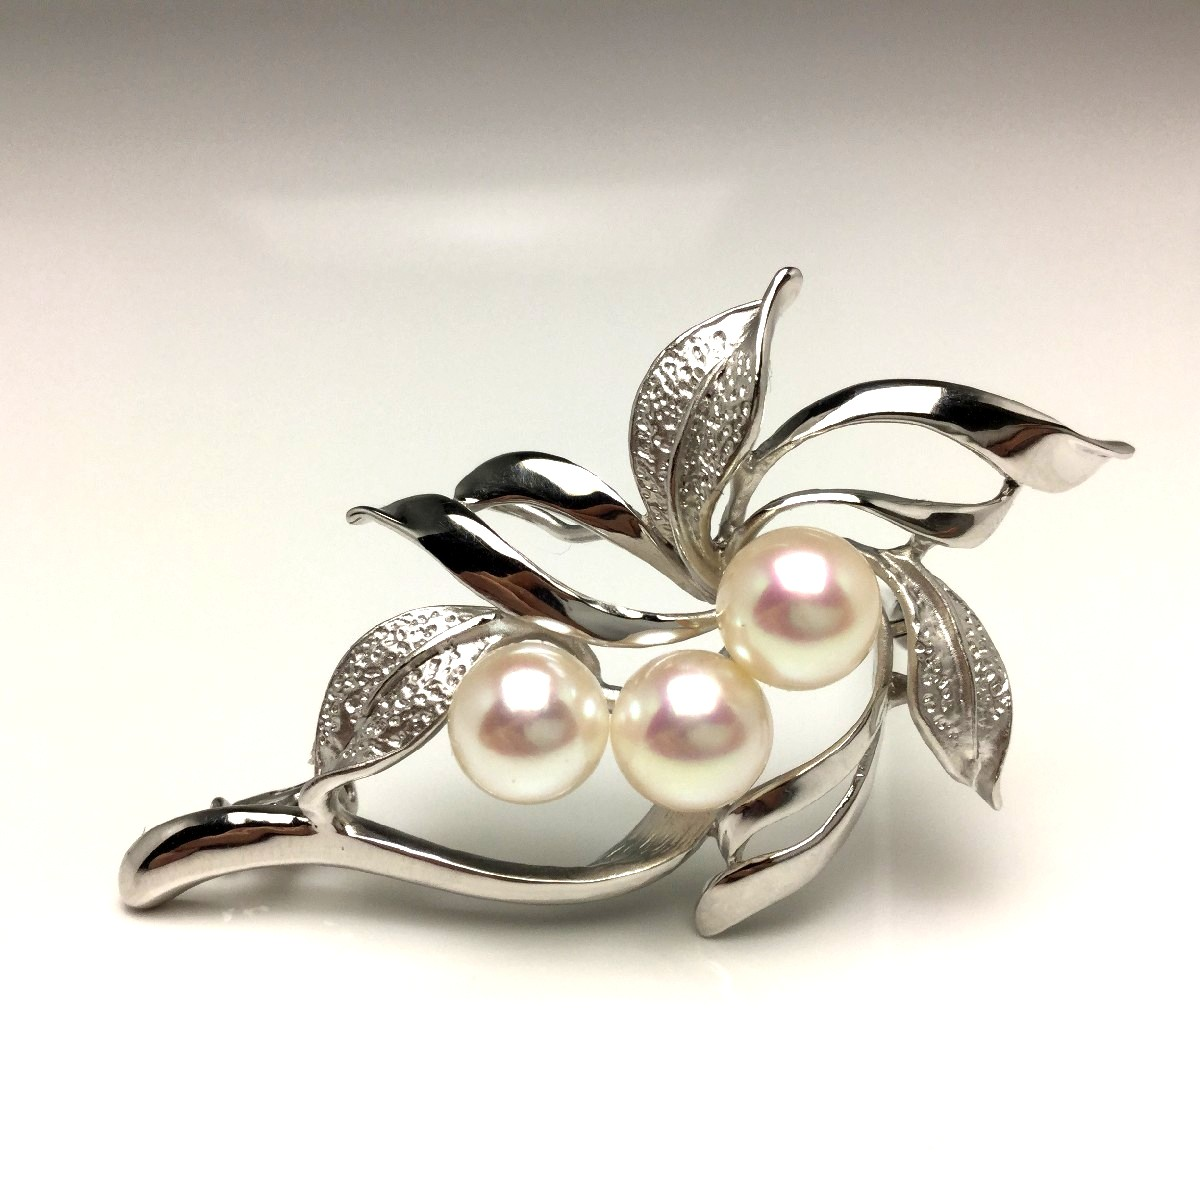 真珠 ブローチ パール アコヤ真珠 7.0-7.5mm ホワイトピンク シルバー 植物 フラワー 65962 イソワパール